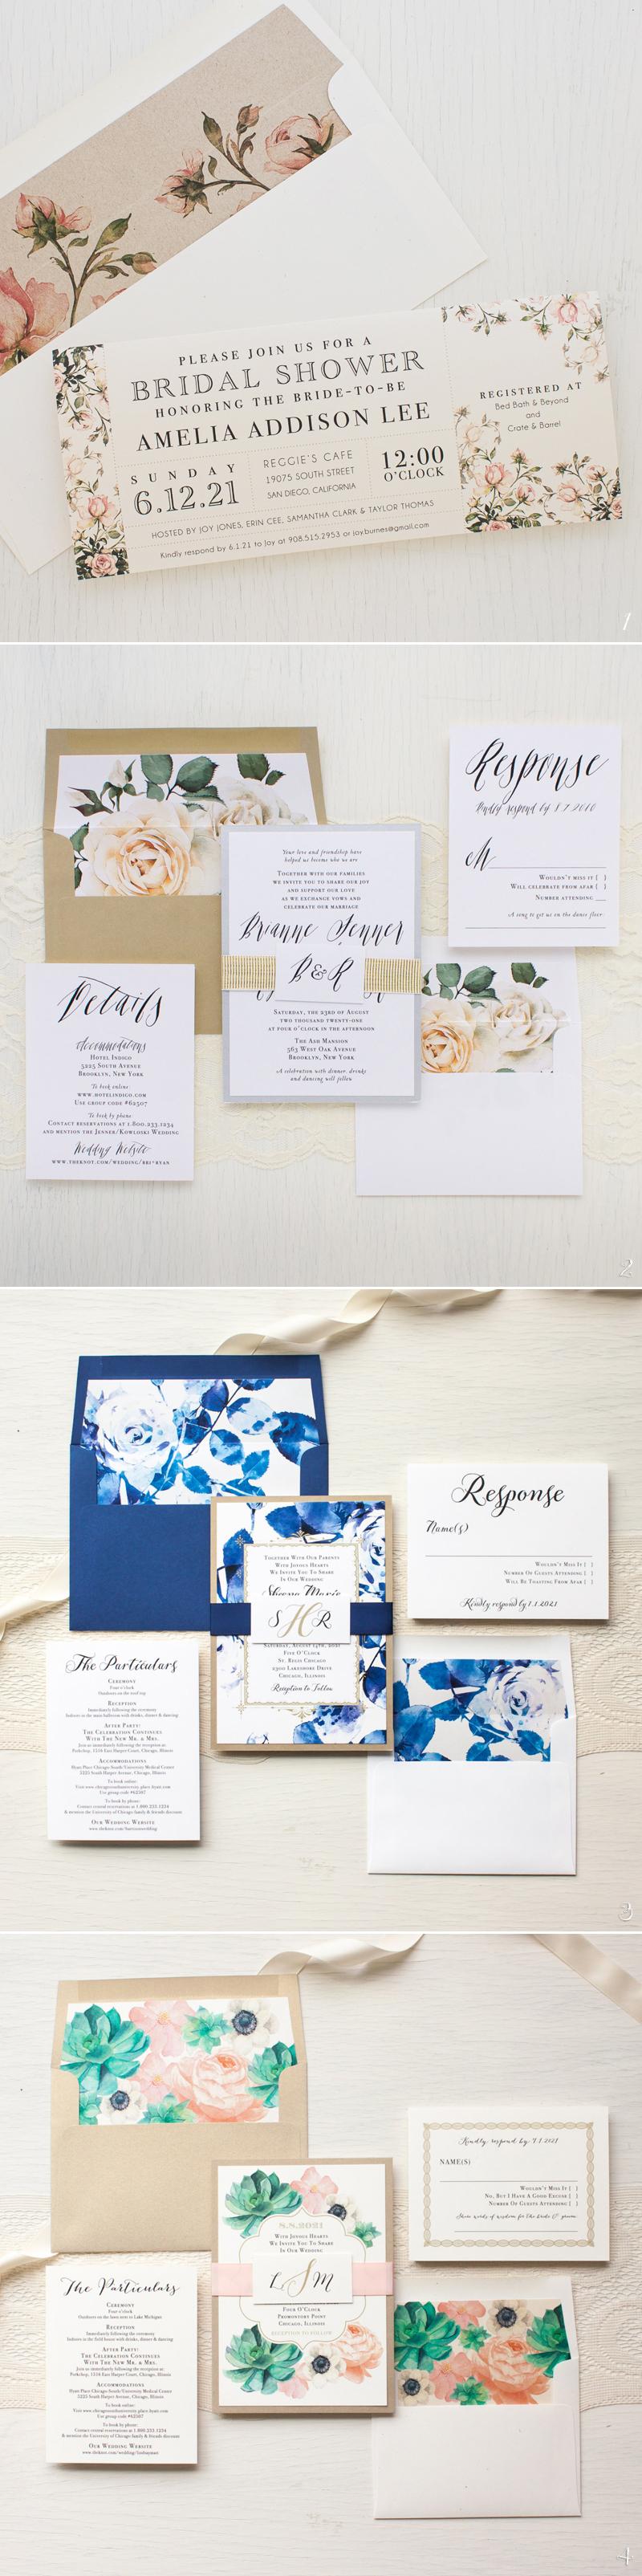 lined-envelope03-floral-lined-envelopes